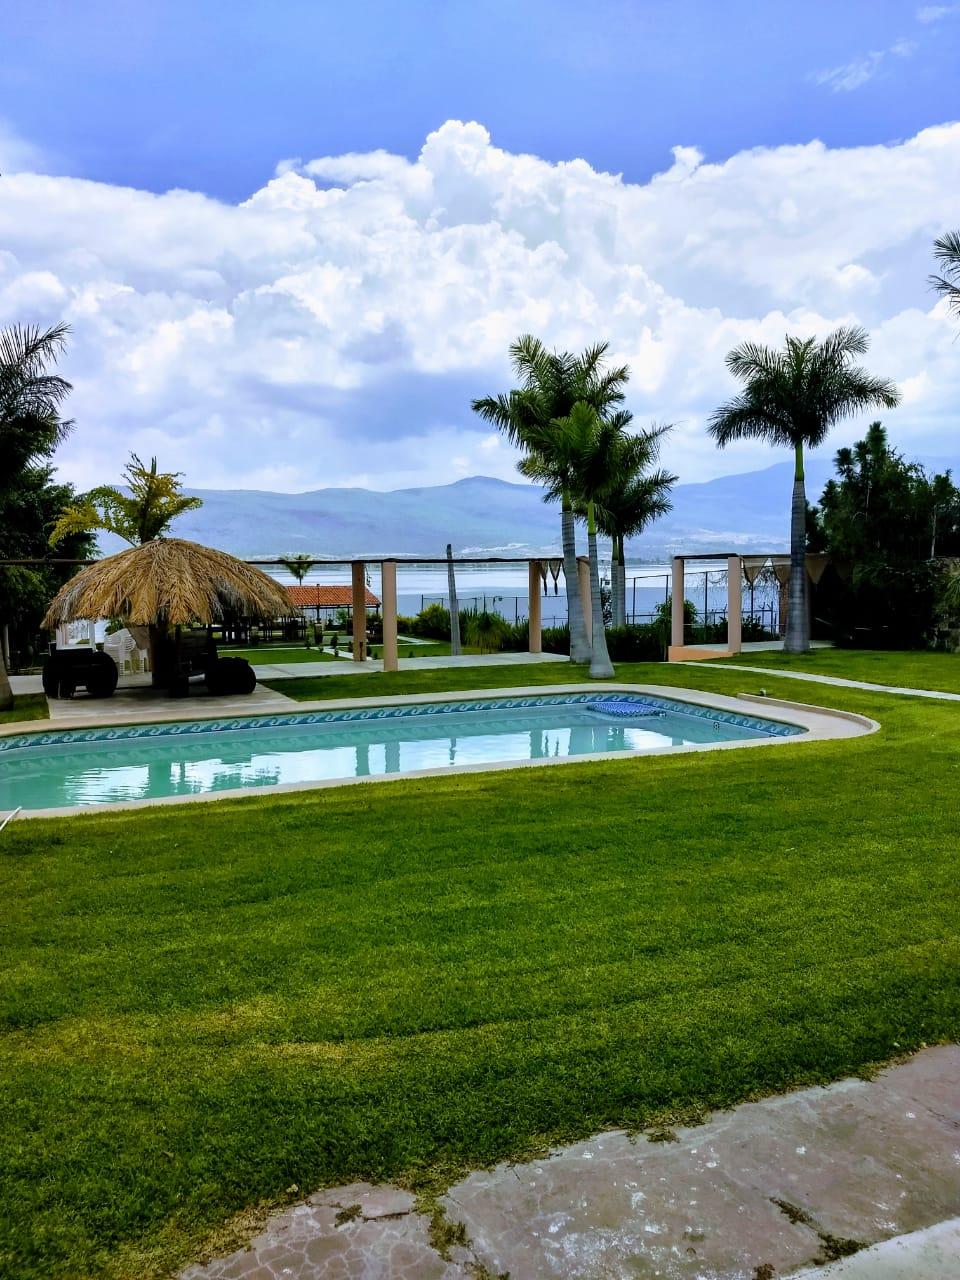 Imagen 6 del espacio Quinta Lago Cajititlán en Tlajomulco, México